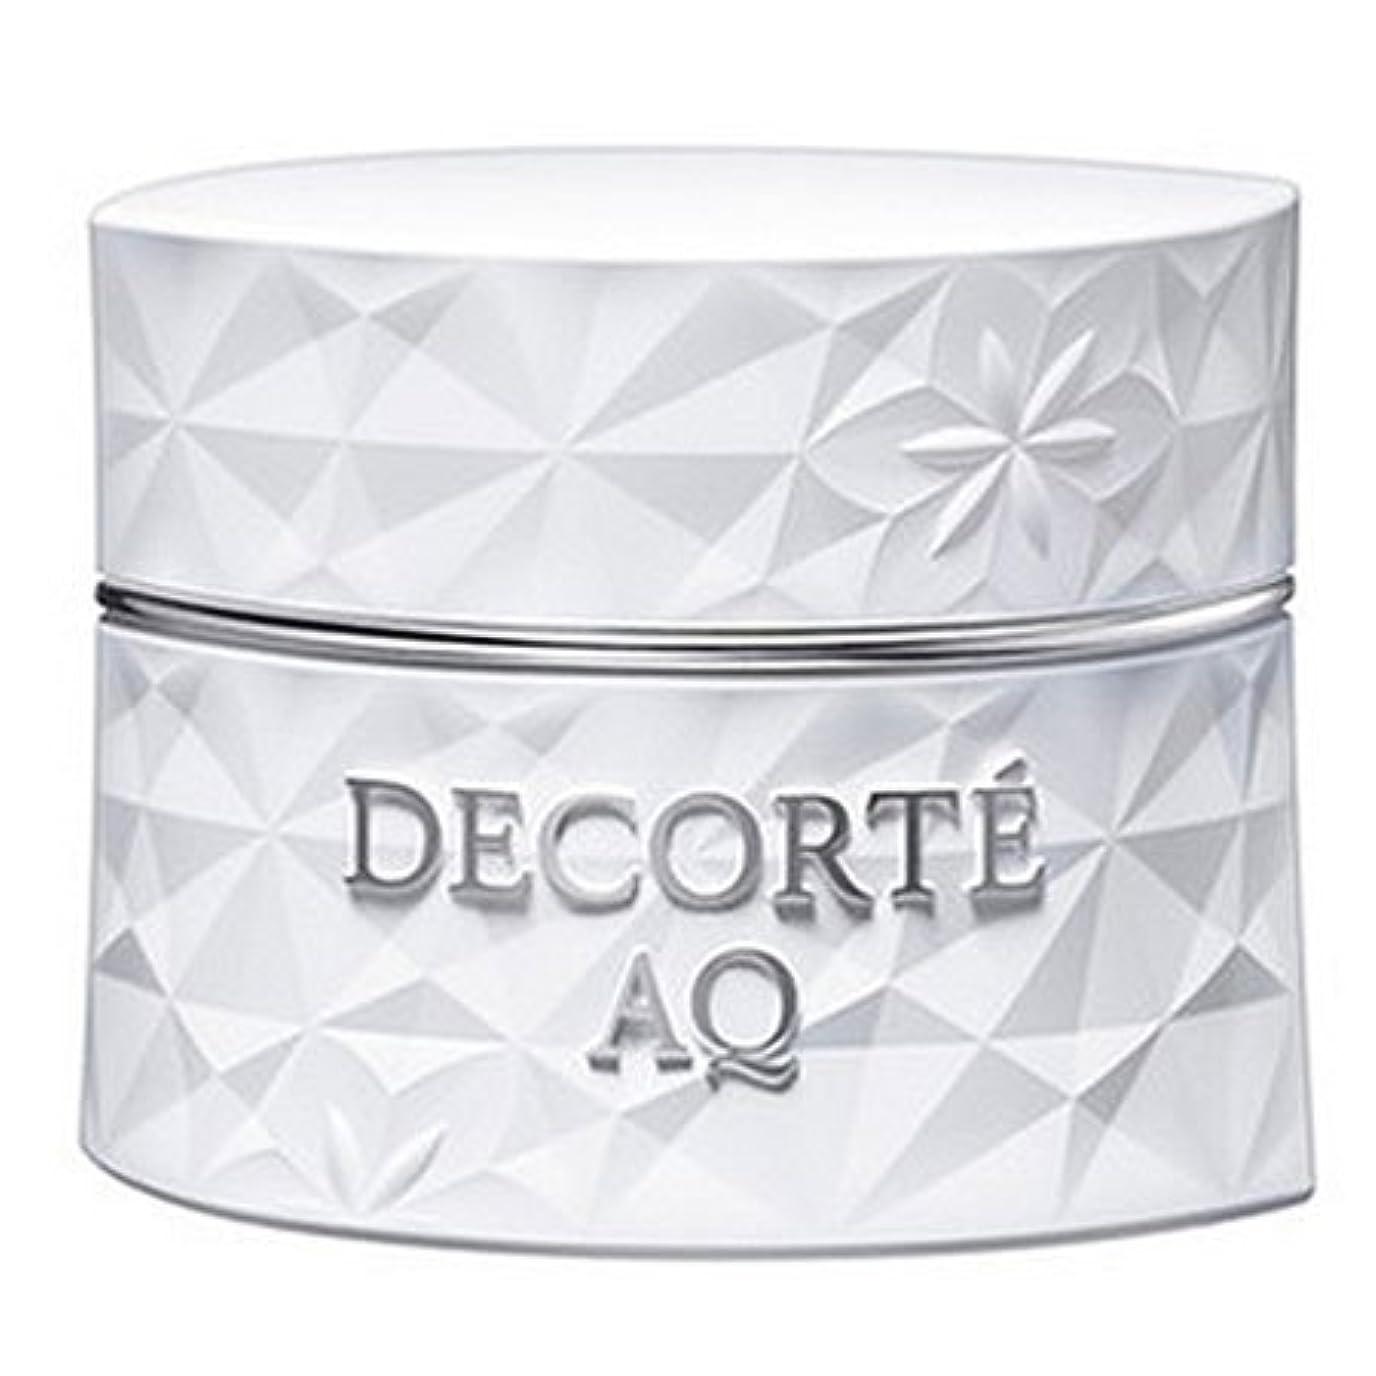 ジュニアせがむたとえコスメデコルテ AQ ホワイトニング クリーム 25g-COSME DECORTE-